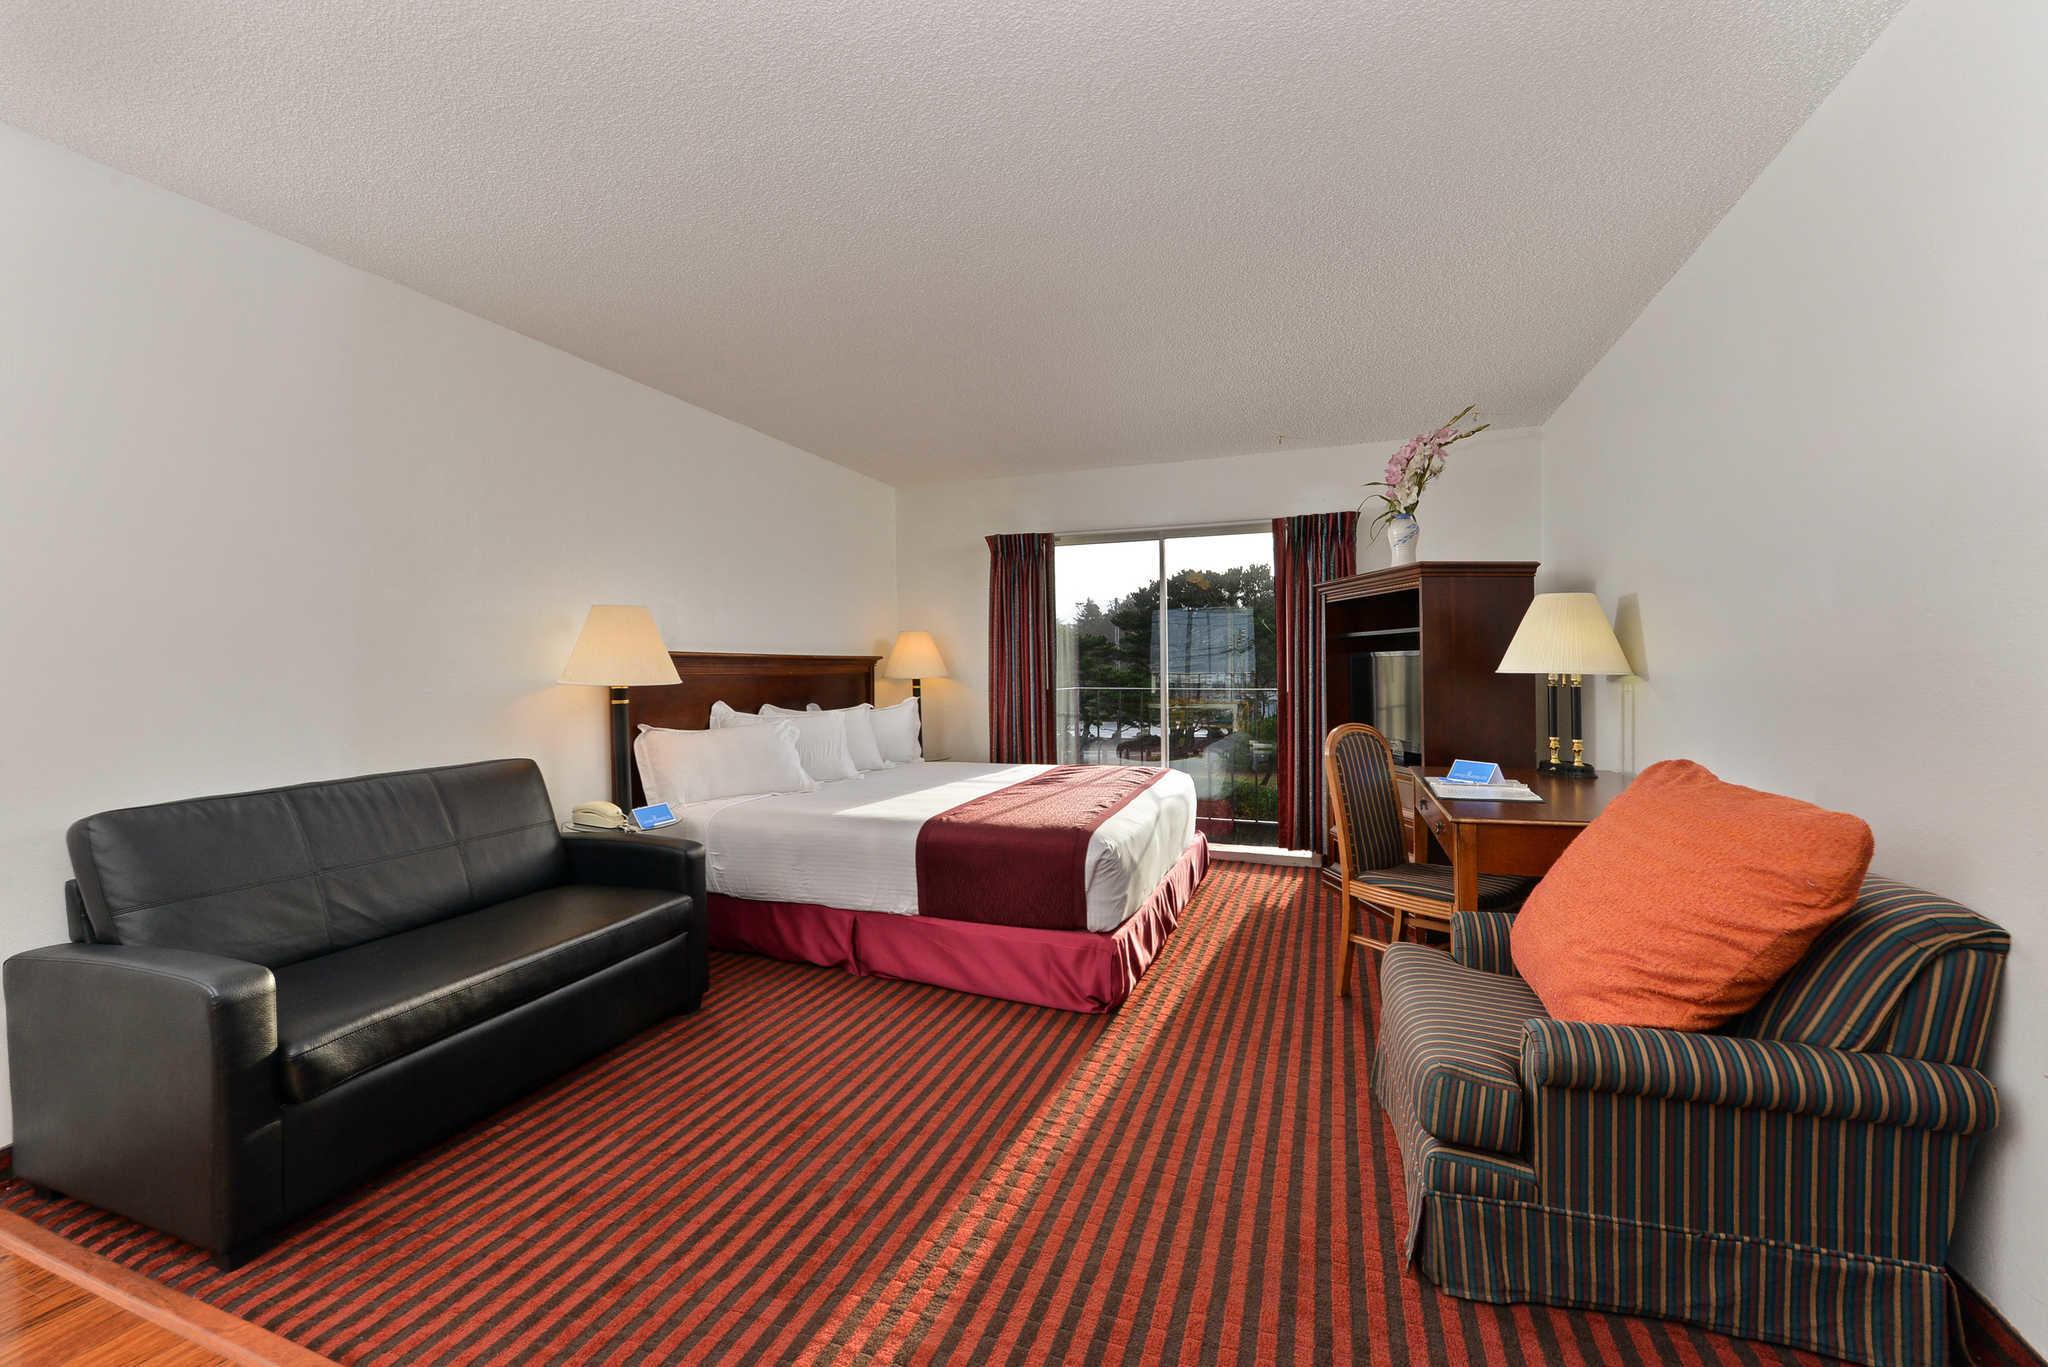 Rodeway Inn & Suites - Closed image 18